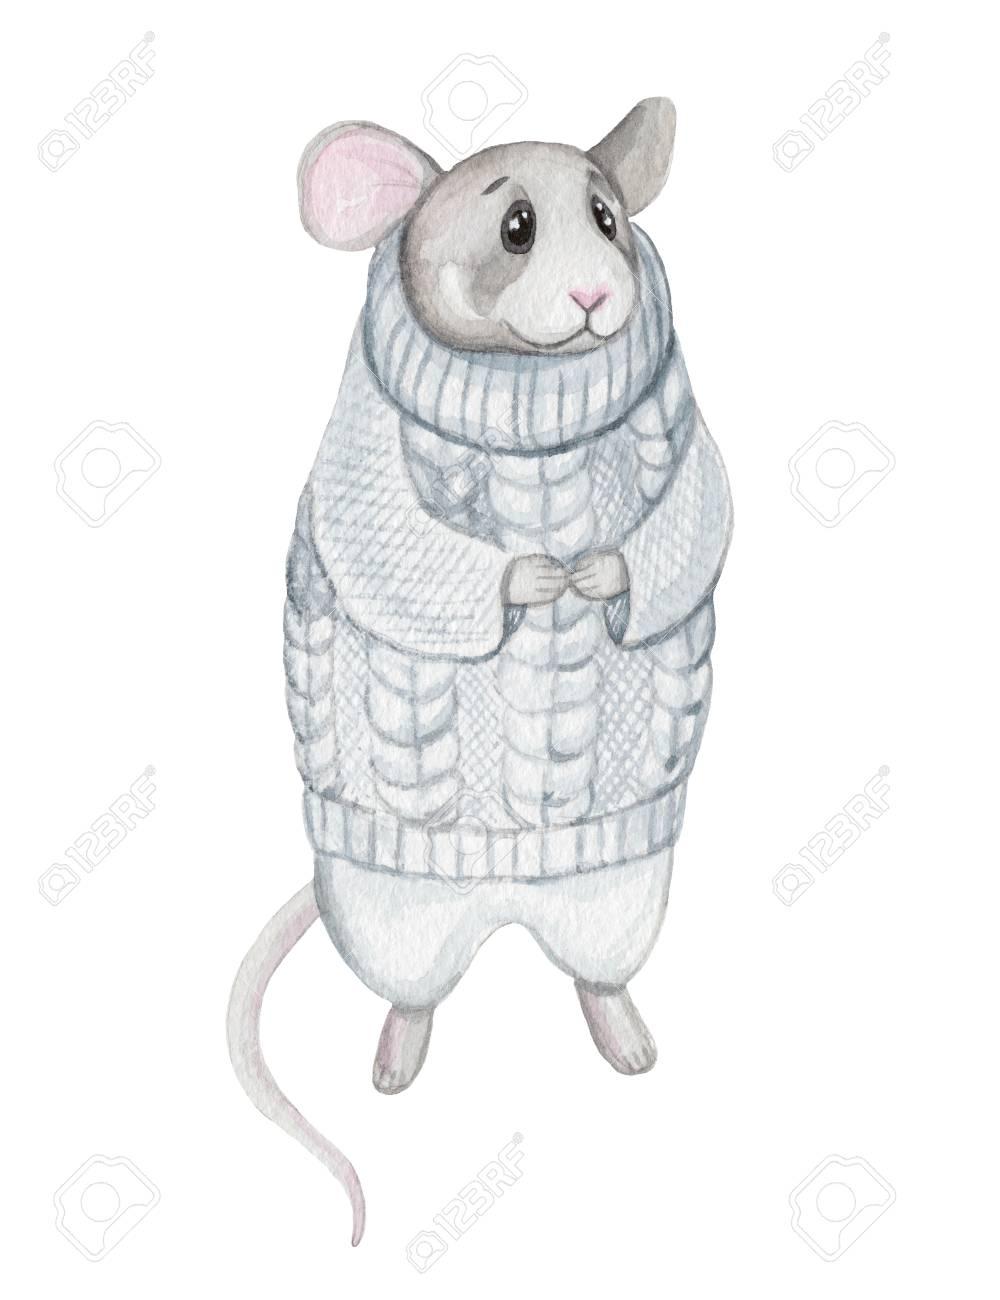 服をマウスします。人間のようなかわいい動物。水彩イラスト